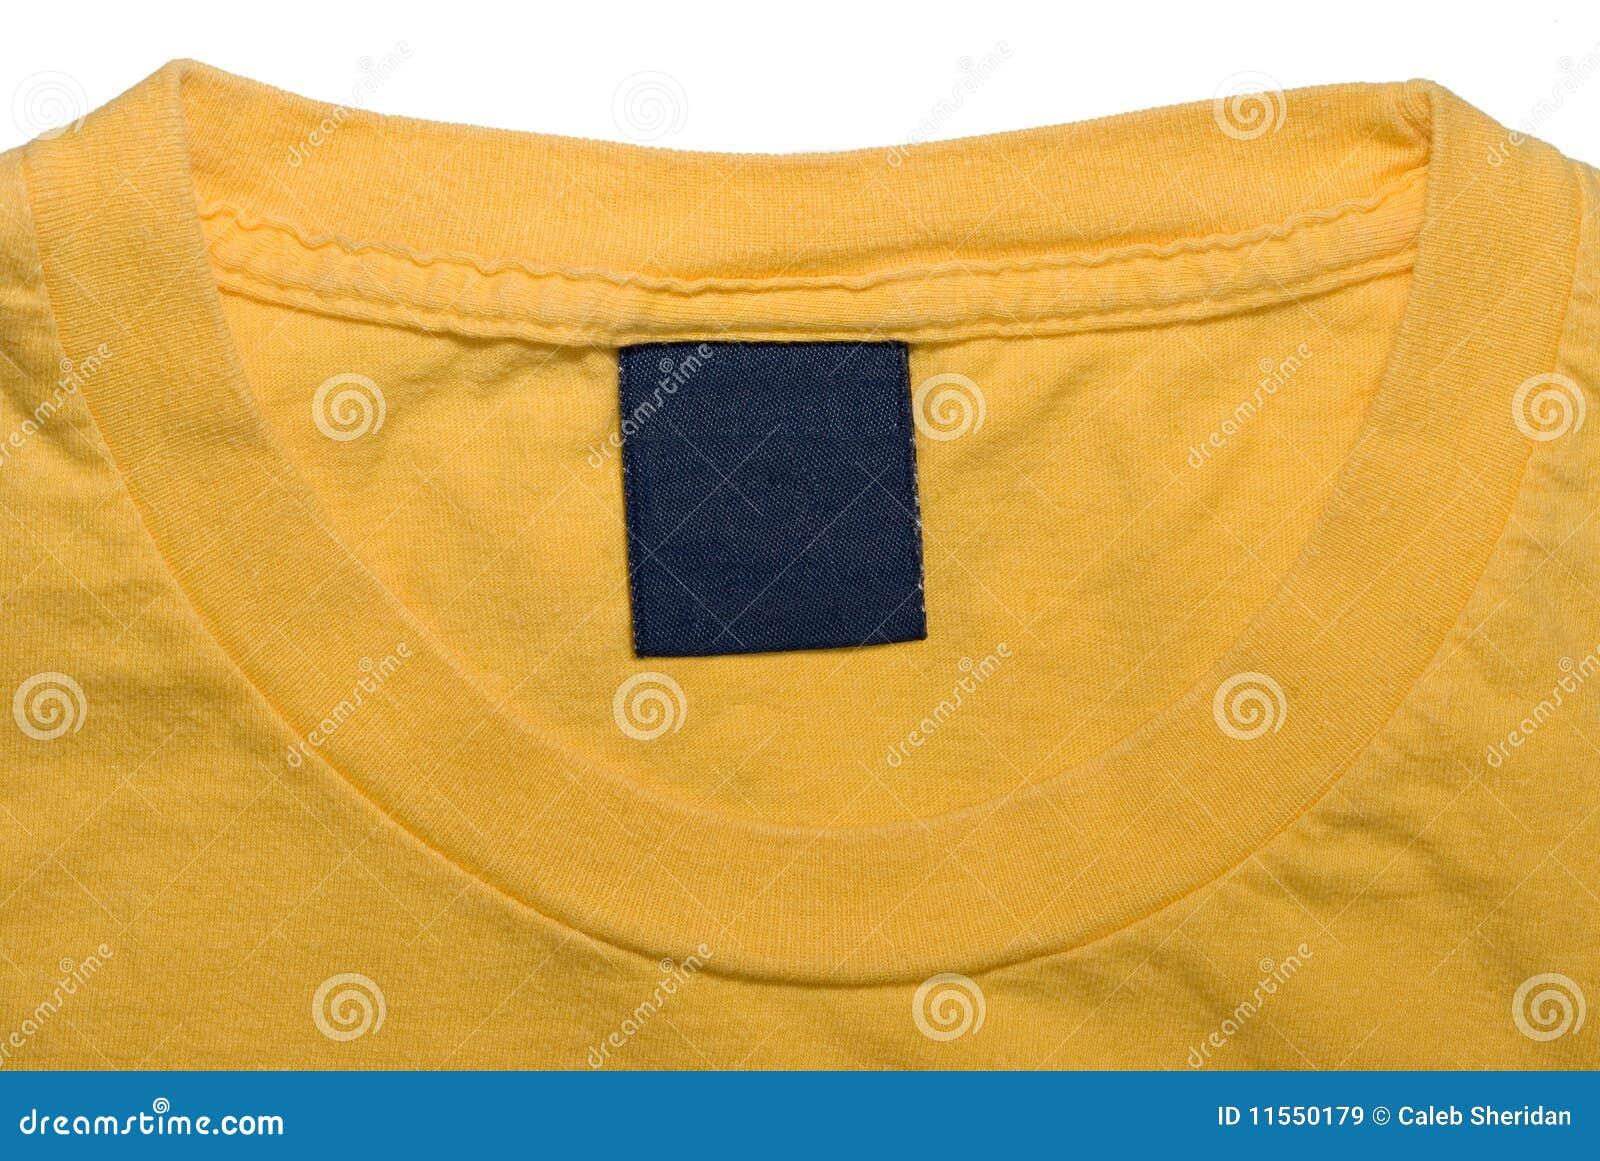 Geel Overhemd.De Markering Van De Kleding Van Geel Overhemd Stock Afbeelding